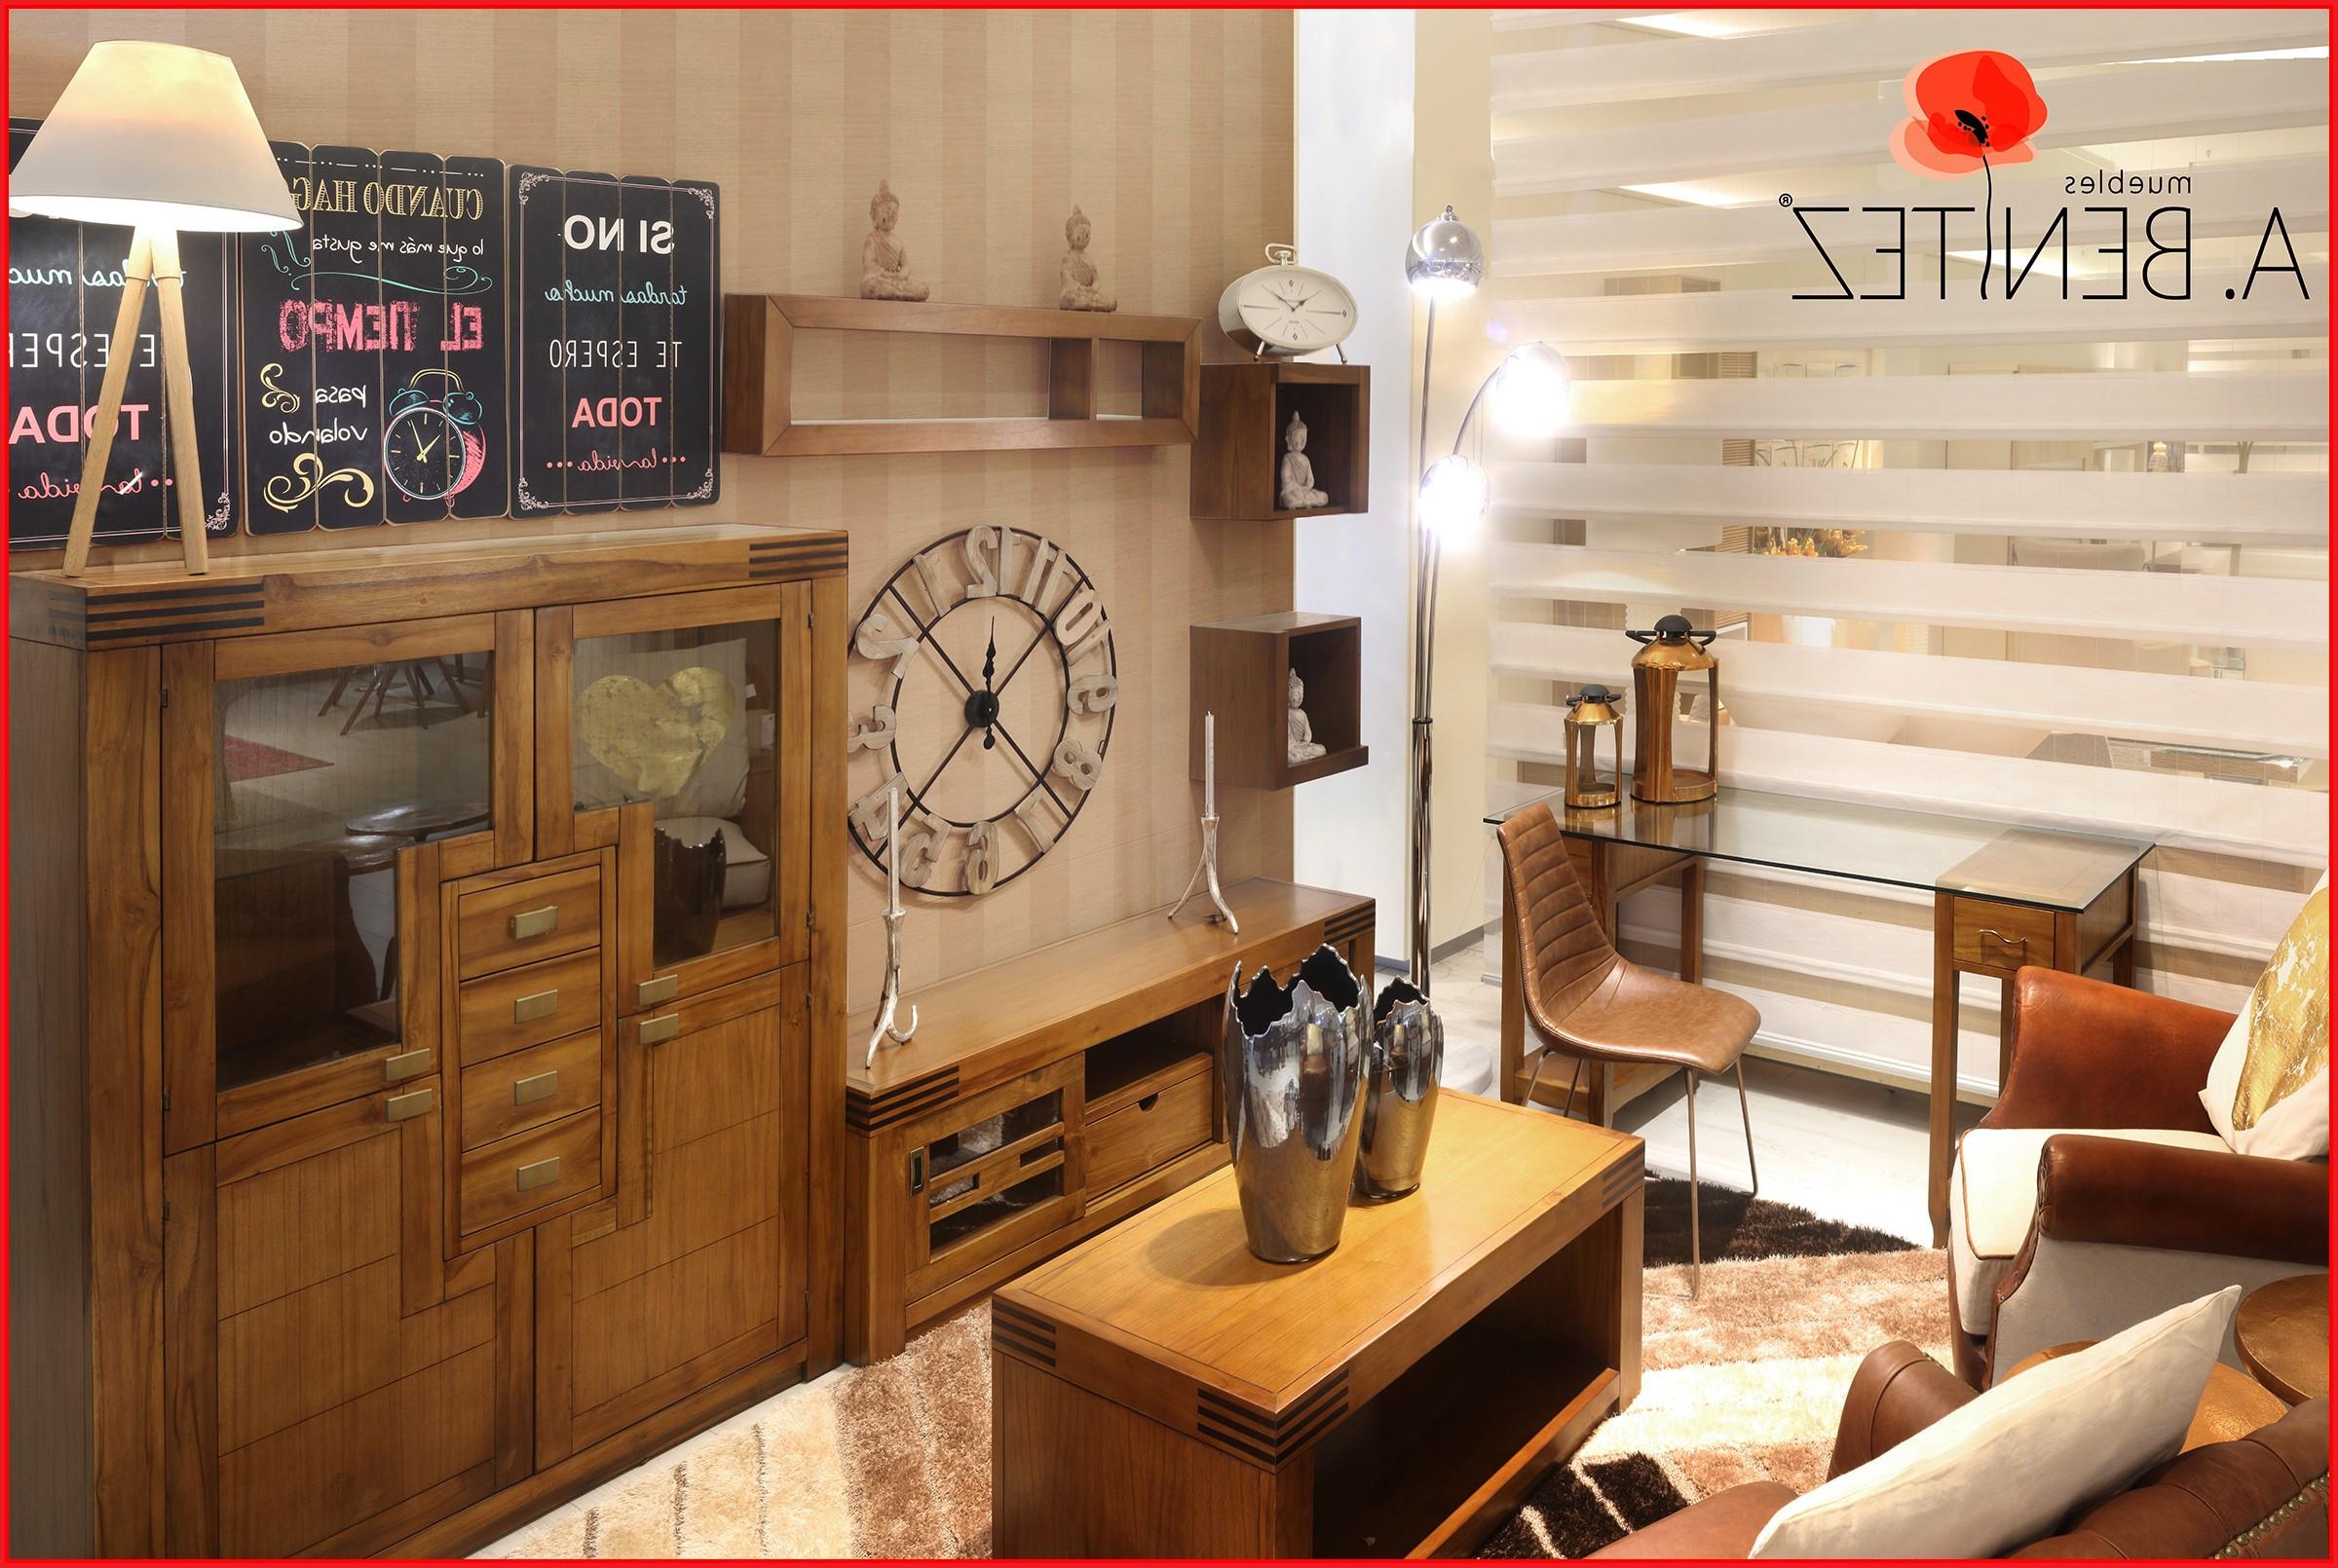 Tiendas De Muebles En Fuengirola Xtd6 Tiendas De Muebles En Fuengirola Tiendas De Muebles En